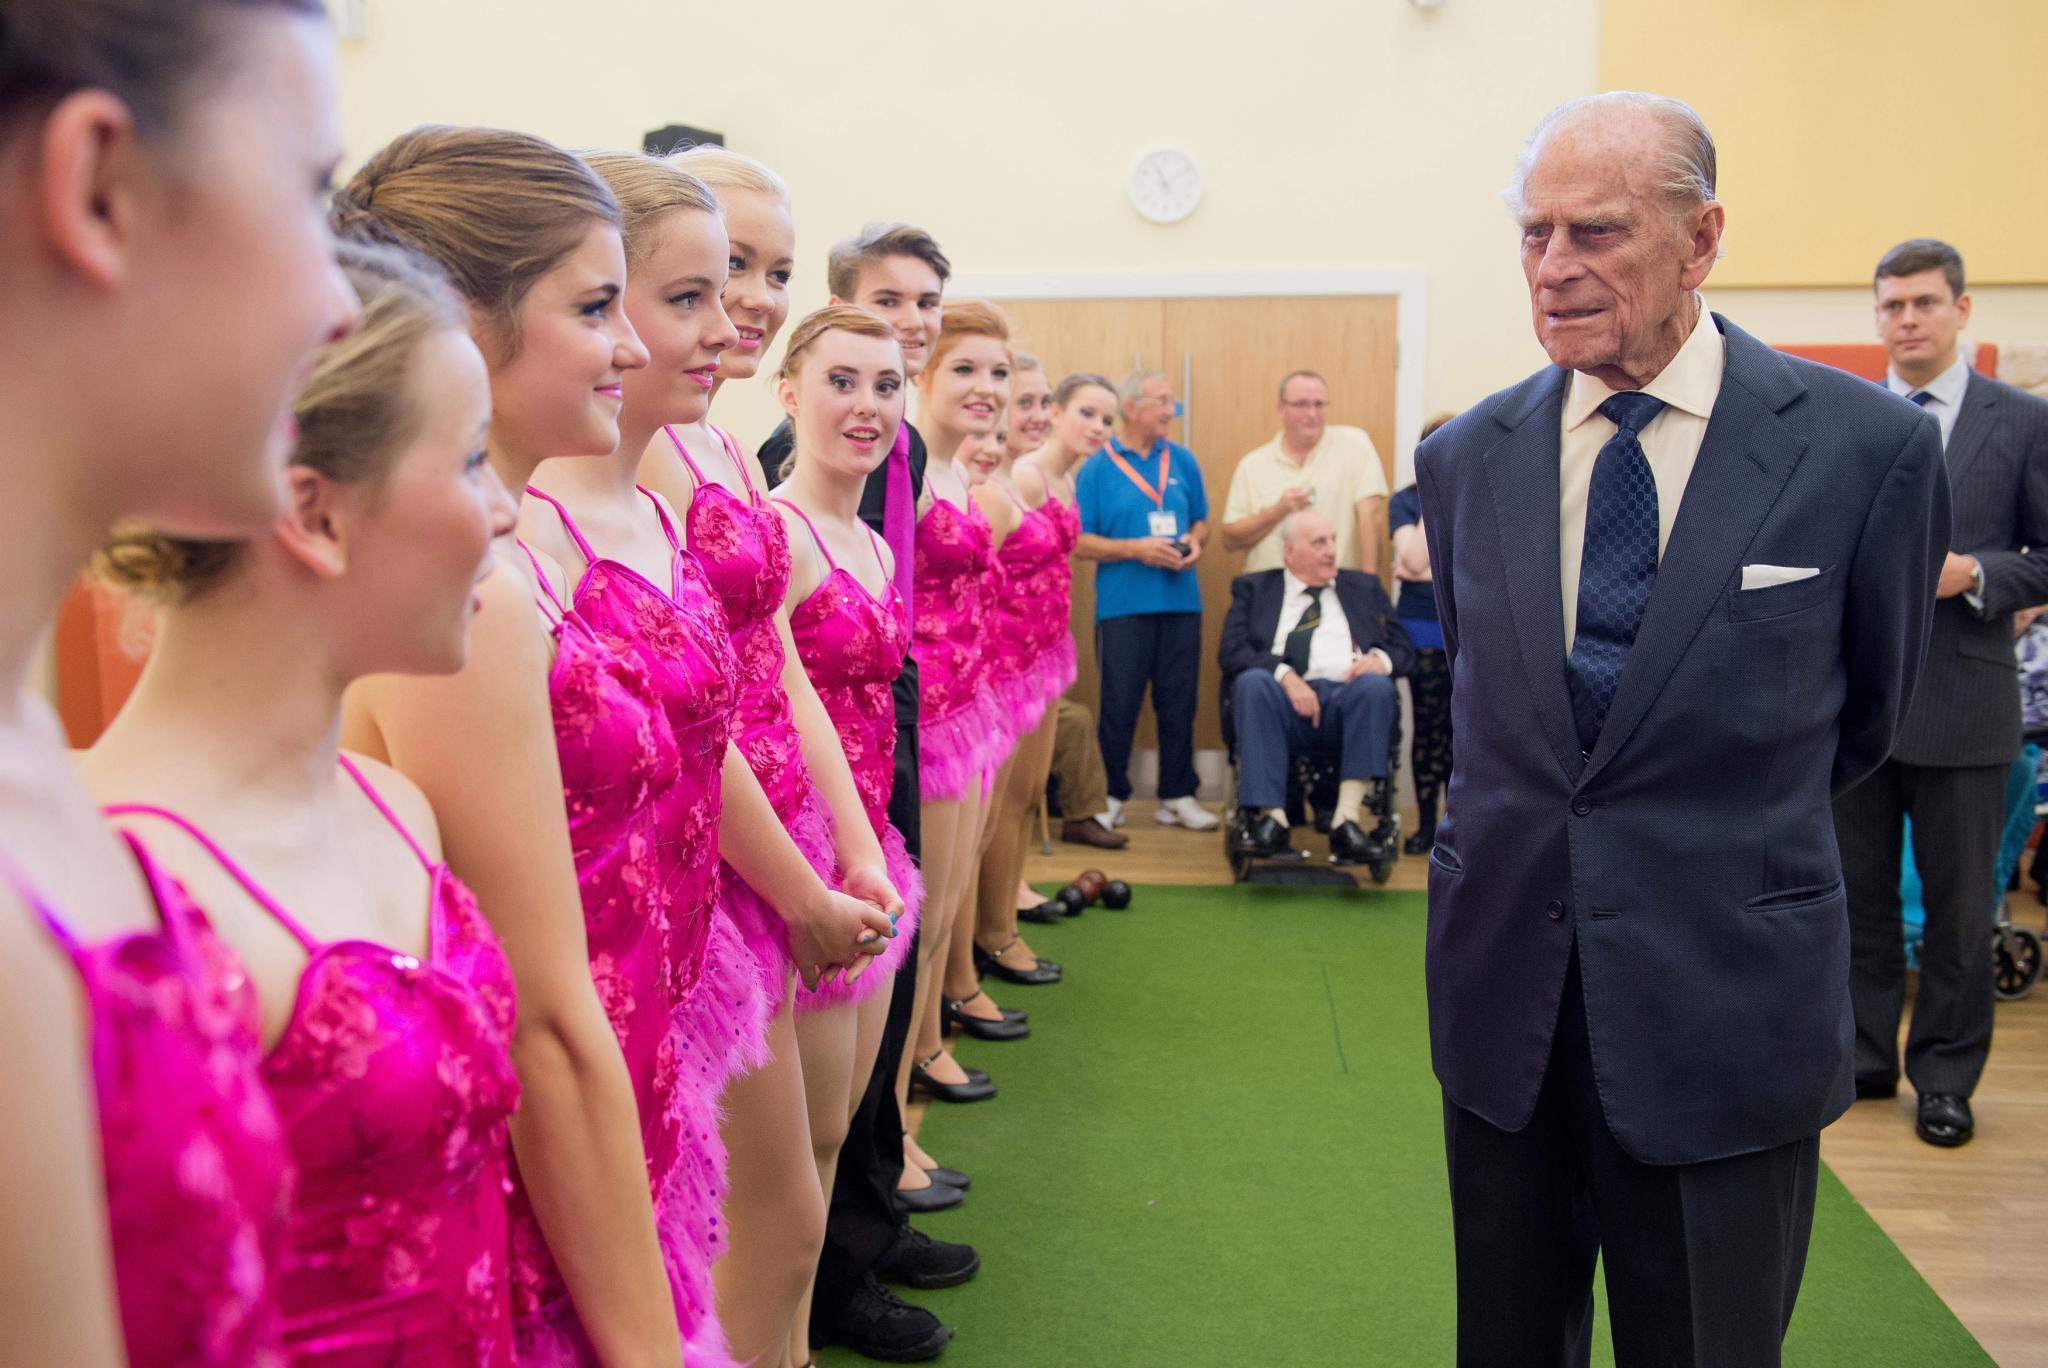 Prinz Philip ist Schirmherr von rund 800 Organisationen, zu denen viele aus dem Bereich Wissenschaft, Technologie, Sport, Umwelt- und Naturschutz zählen. Aber auch das Wohl von Jugendlichen beschäftigt ihn seit vielen Jahrzehnen.